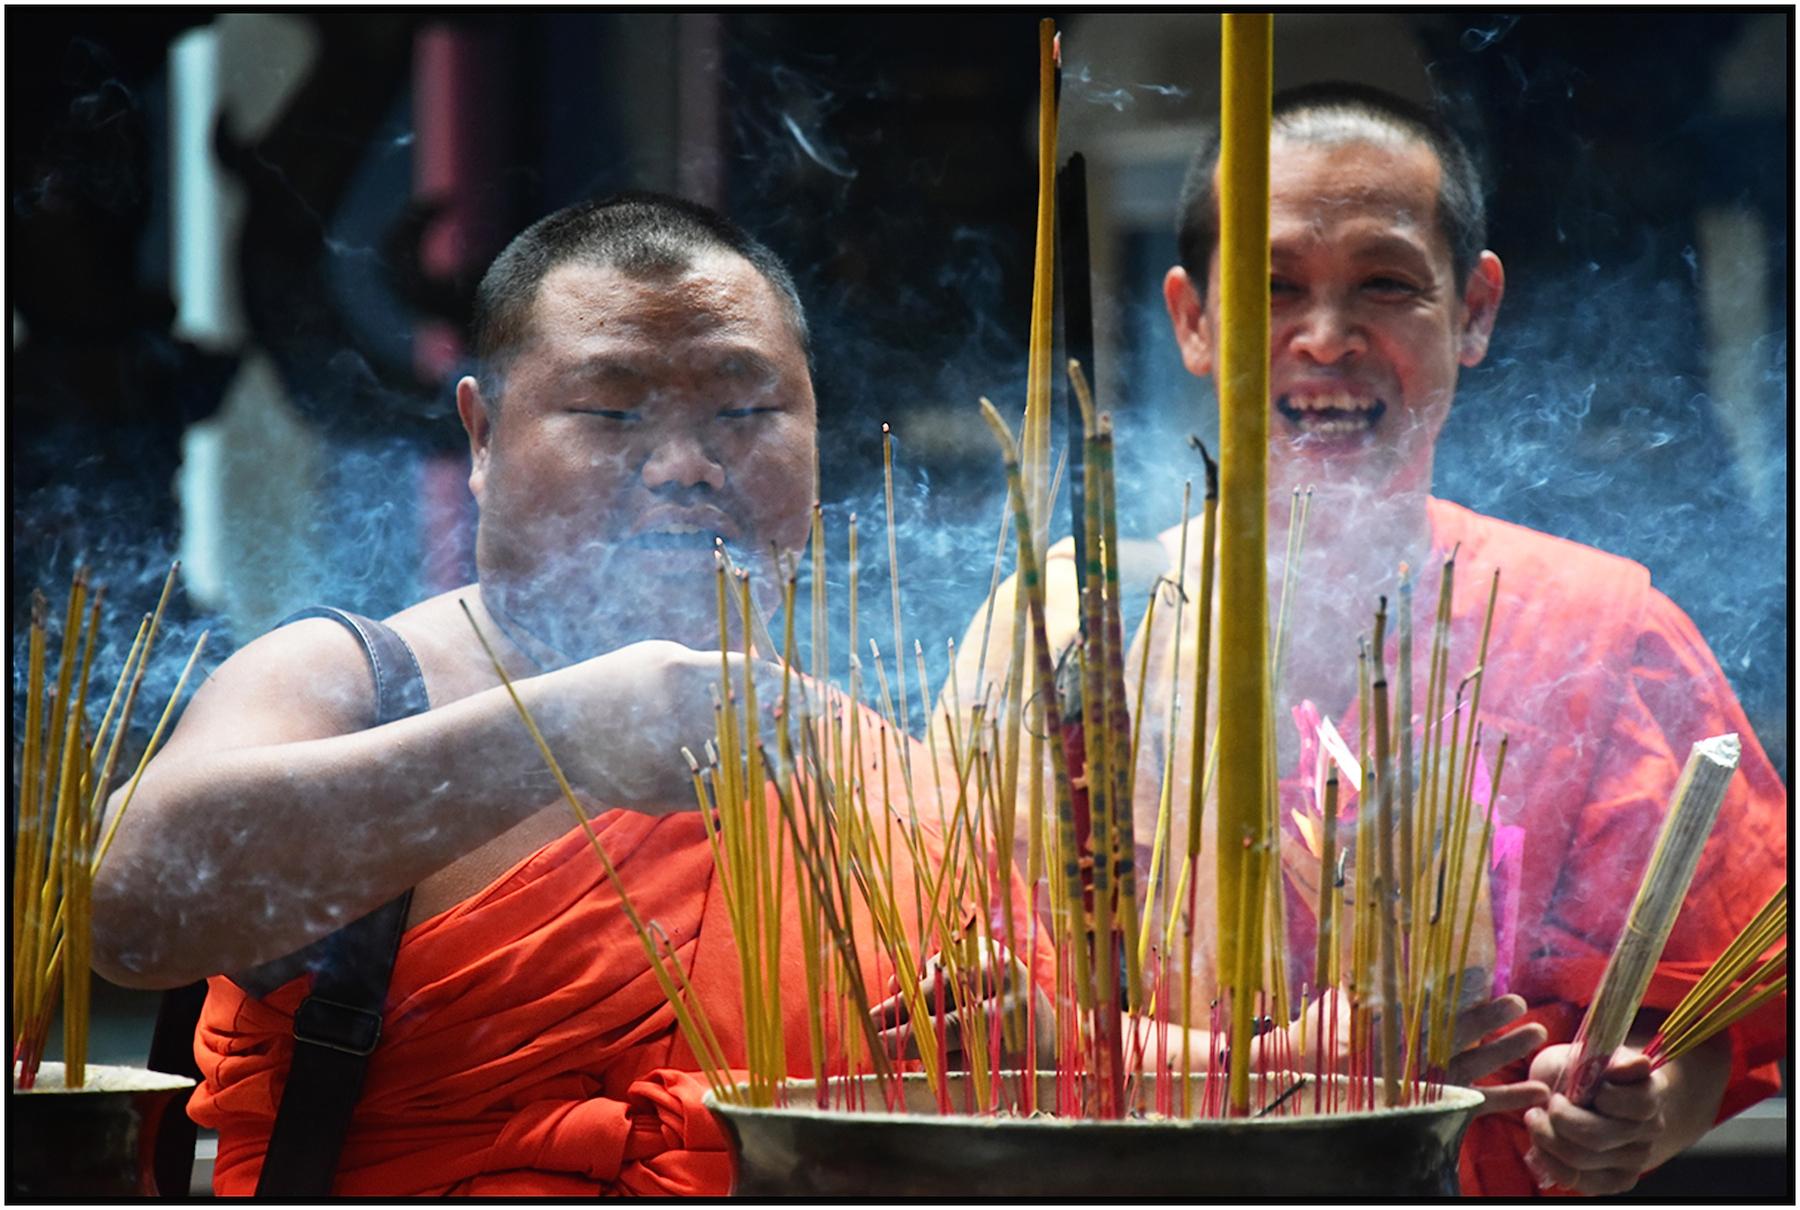 Monk burns his finger, his colleague laughs, ———Pagoda, Saigon/HCMC, Dec. 2016. #4342